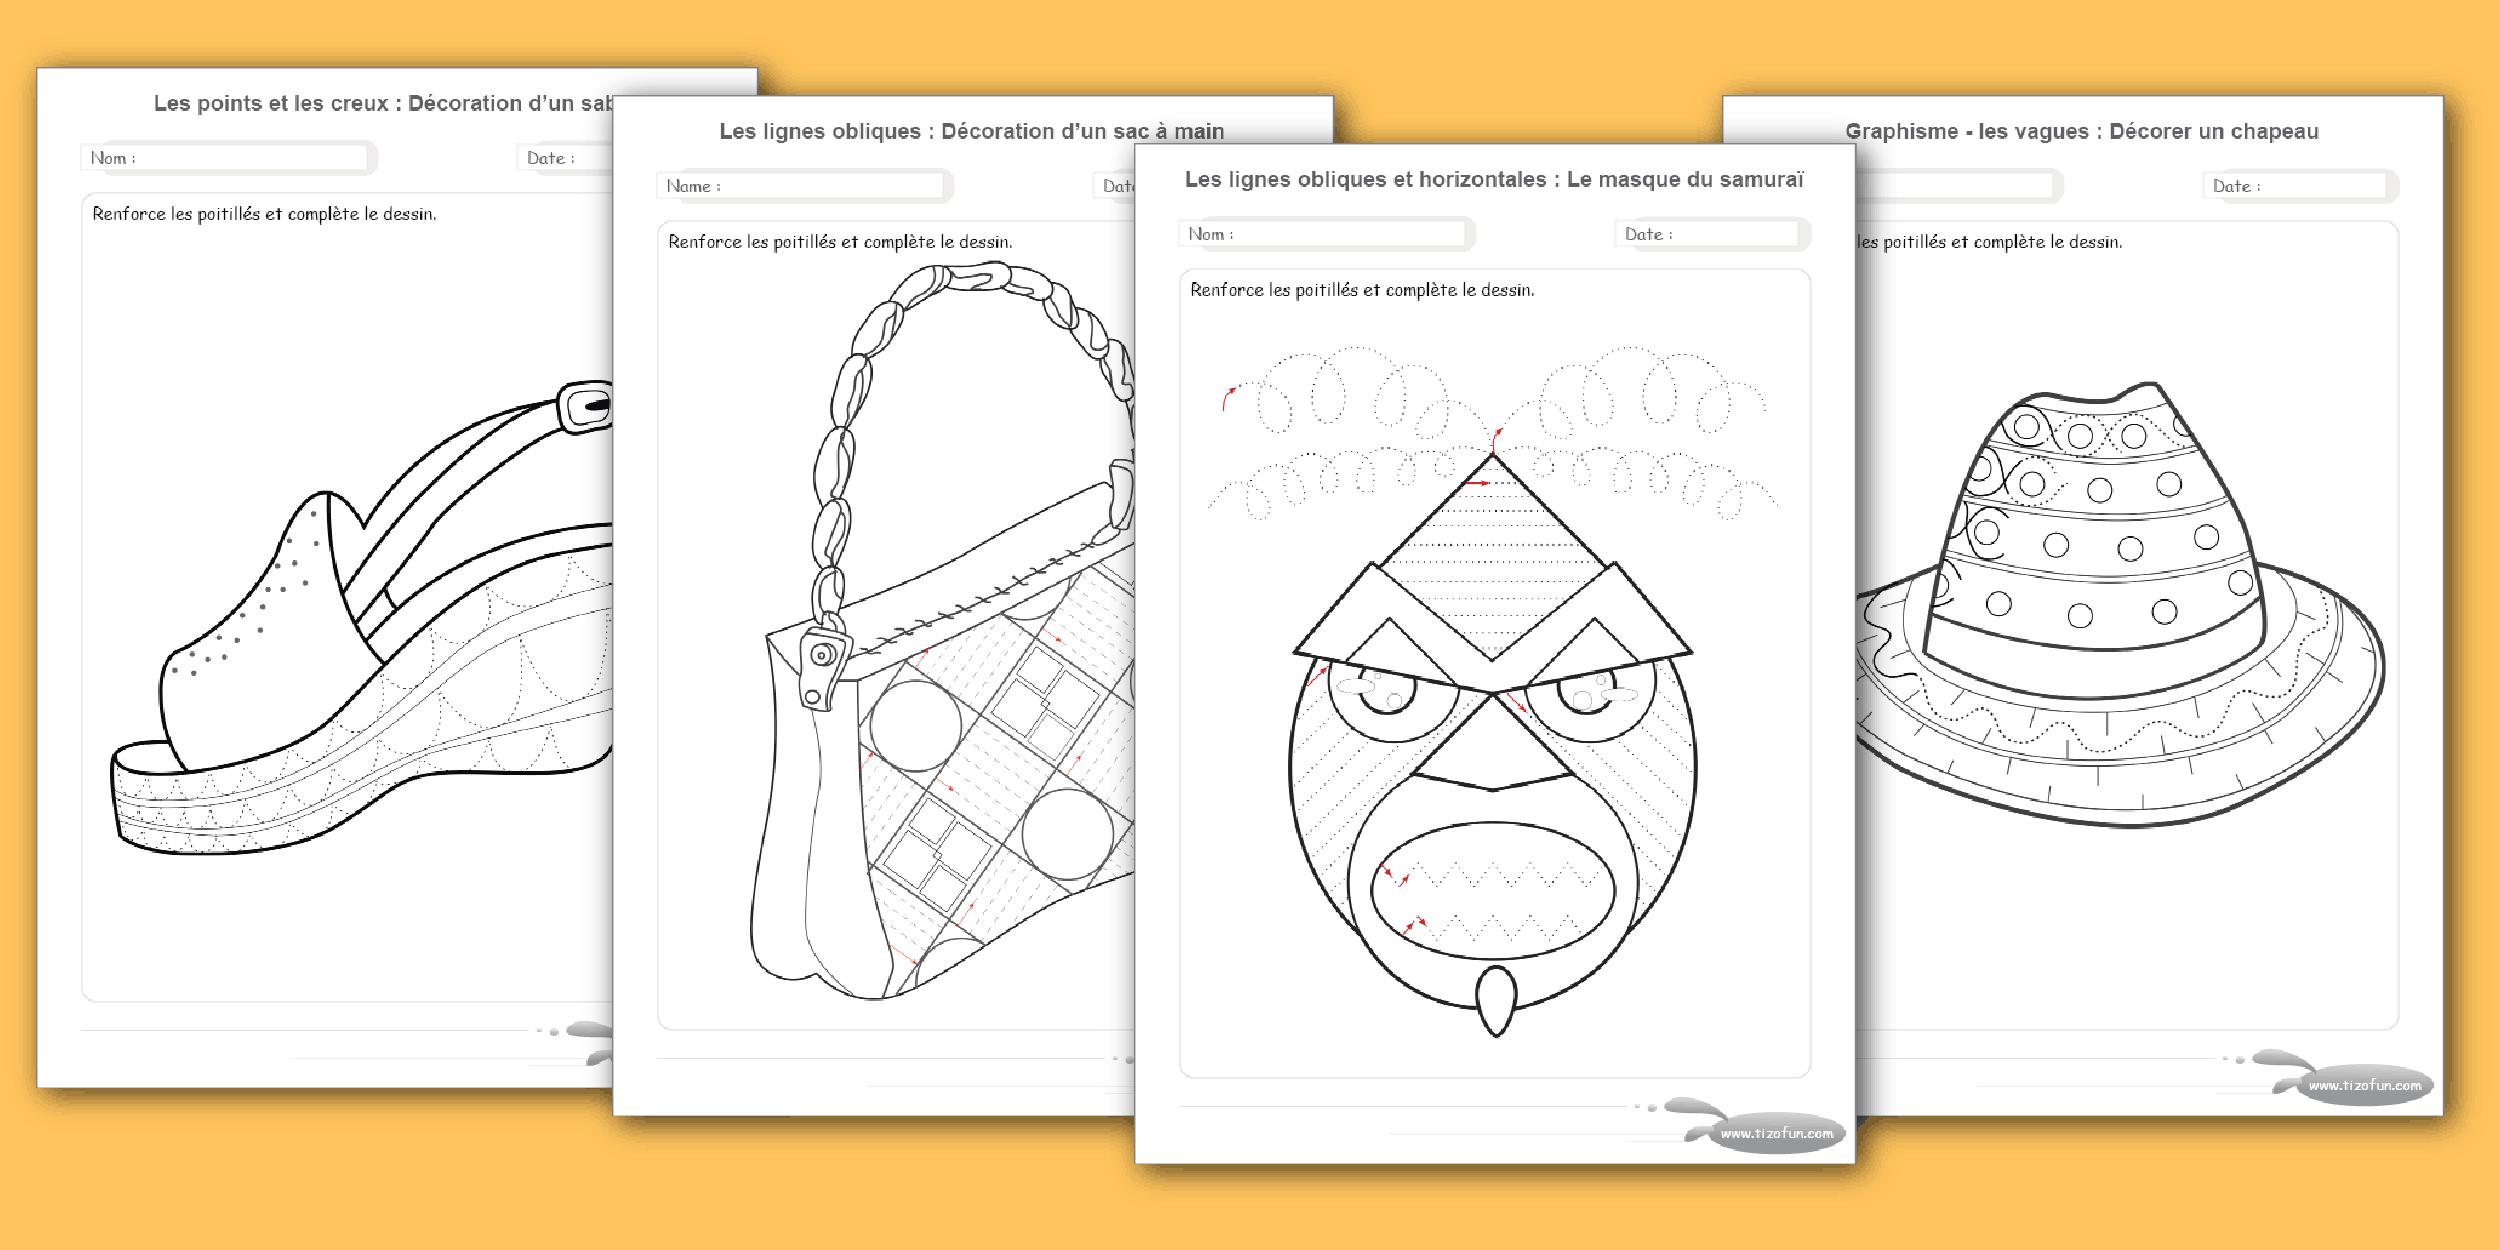 Exercices Maternelle Motricité Fine Par Le Dessin A Imprimer intérieur Graphisme Maternelle A Imprimer Gratuit